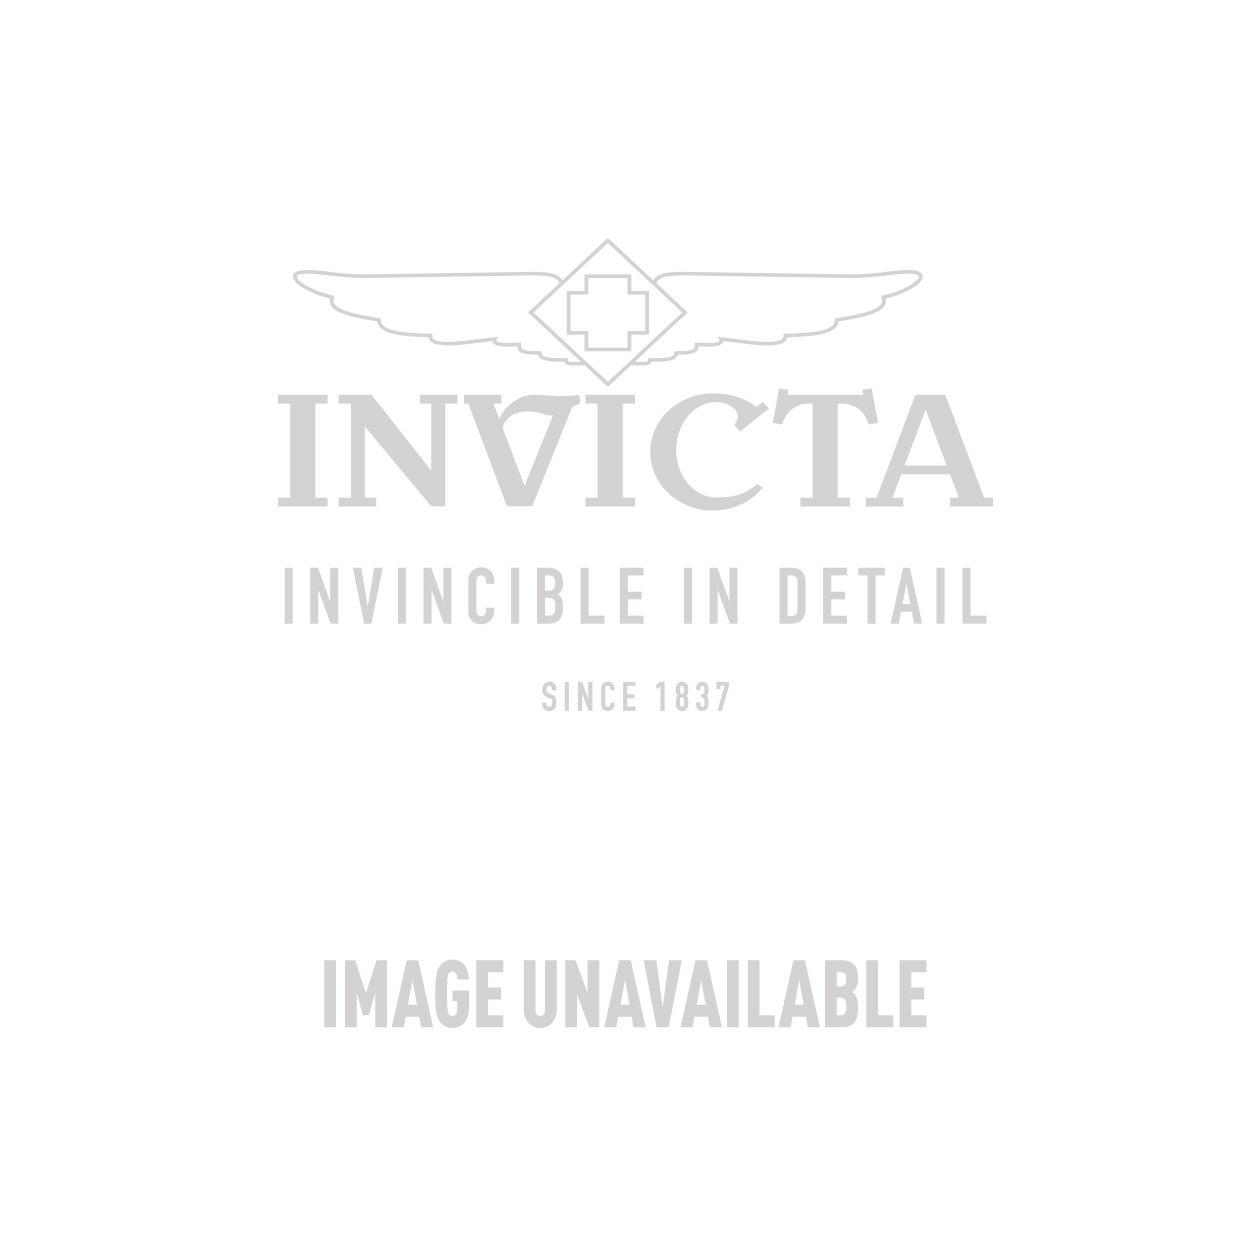 Invicta Model  22187